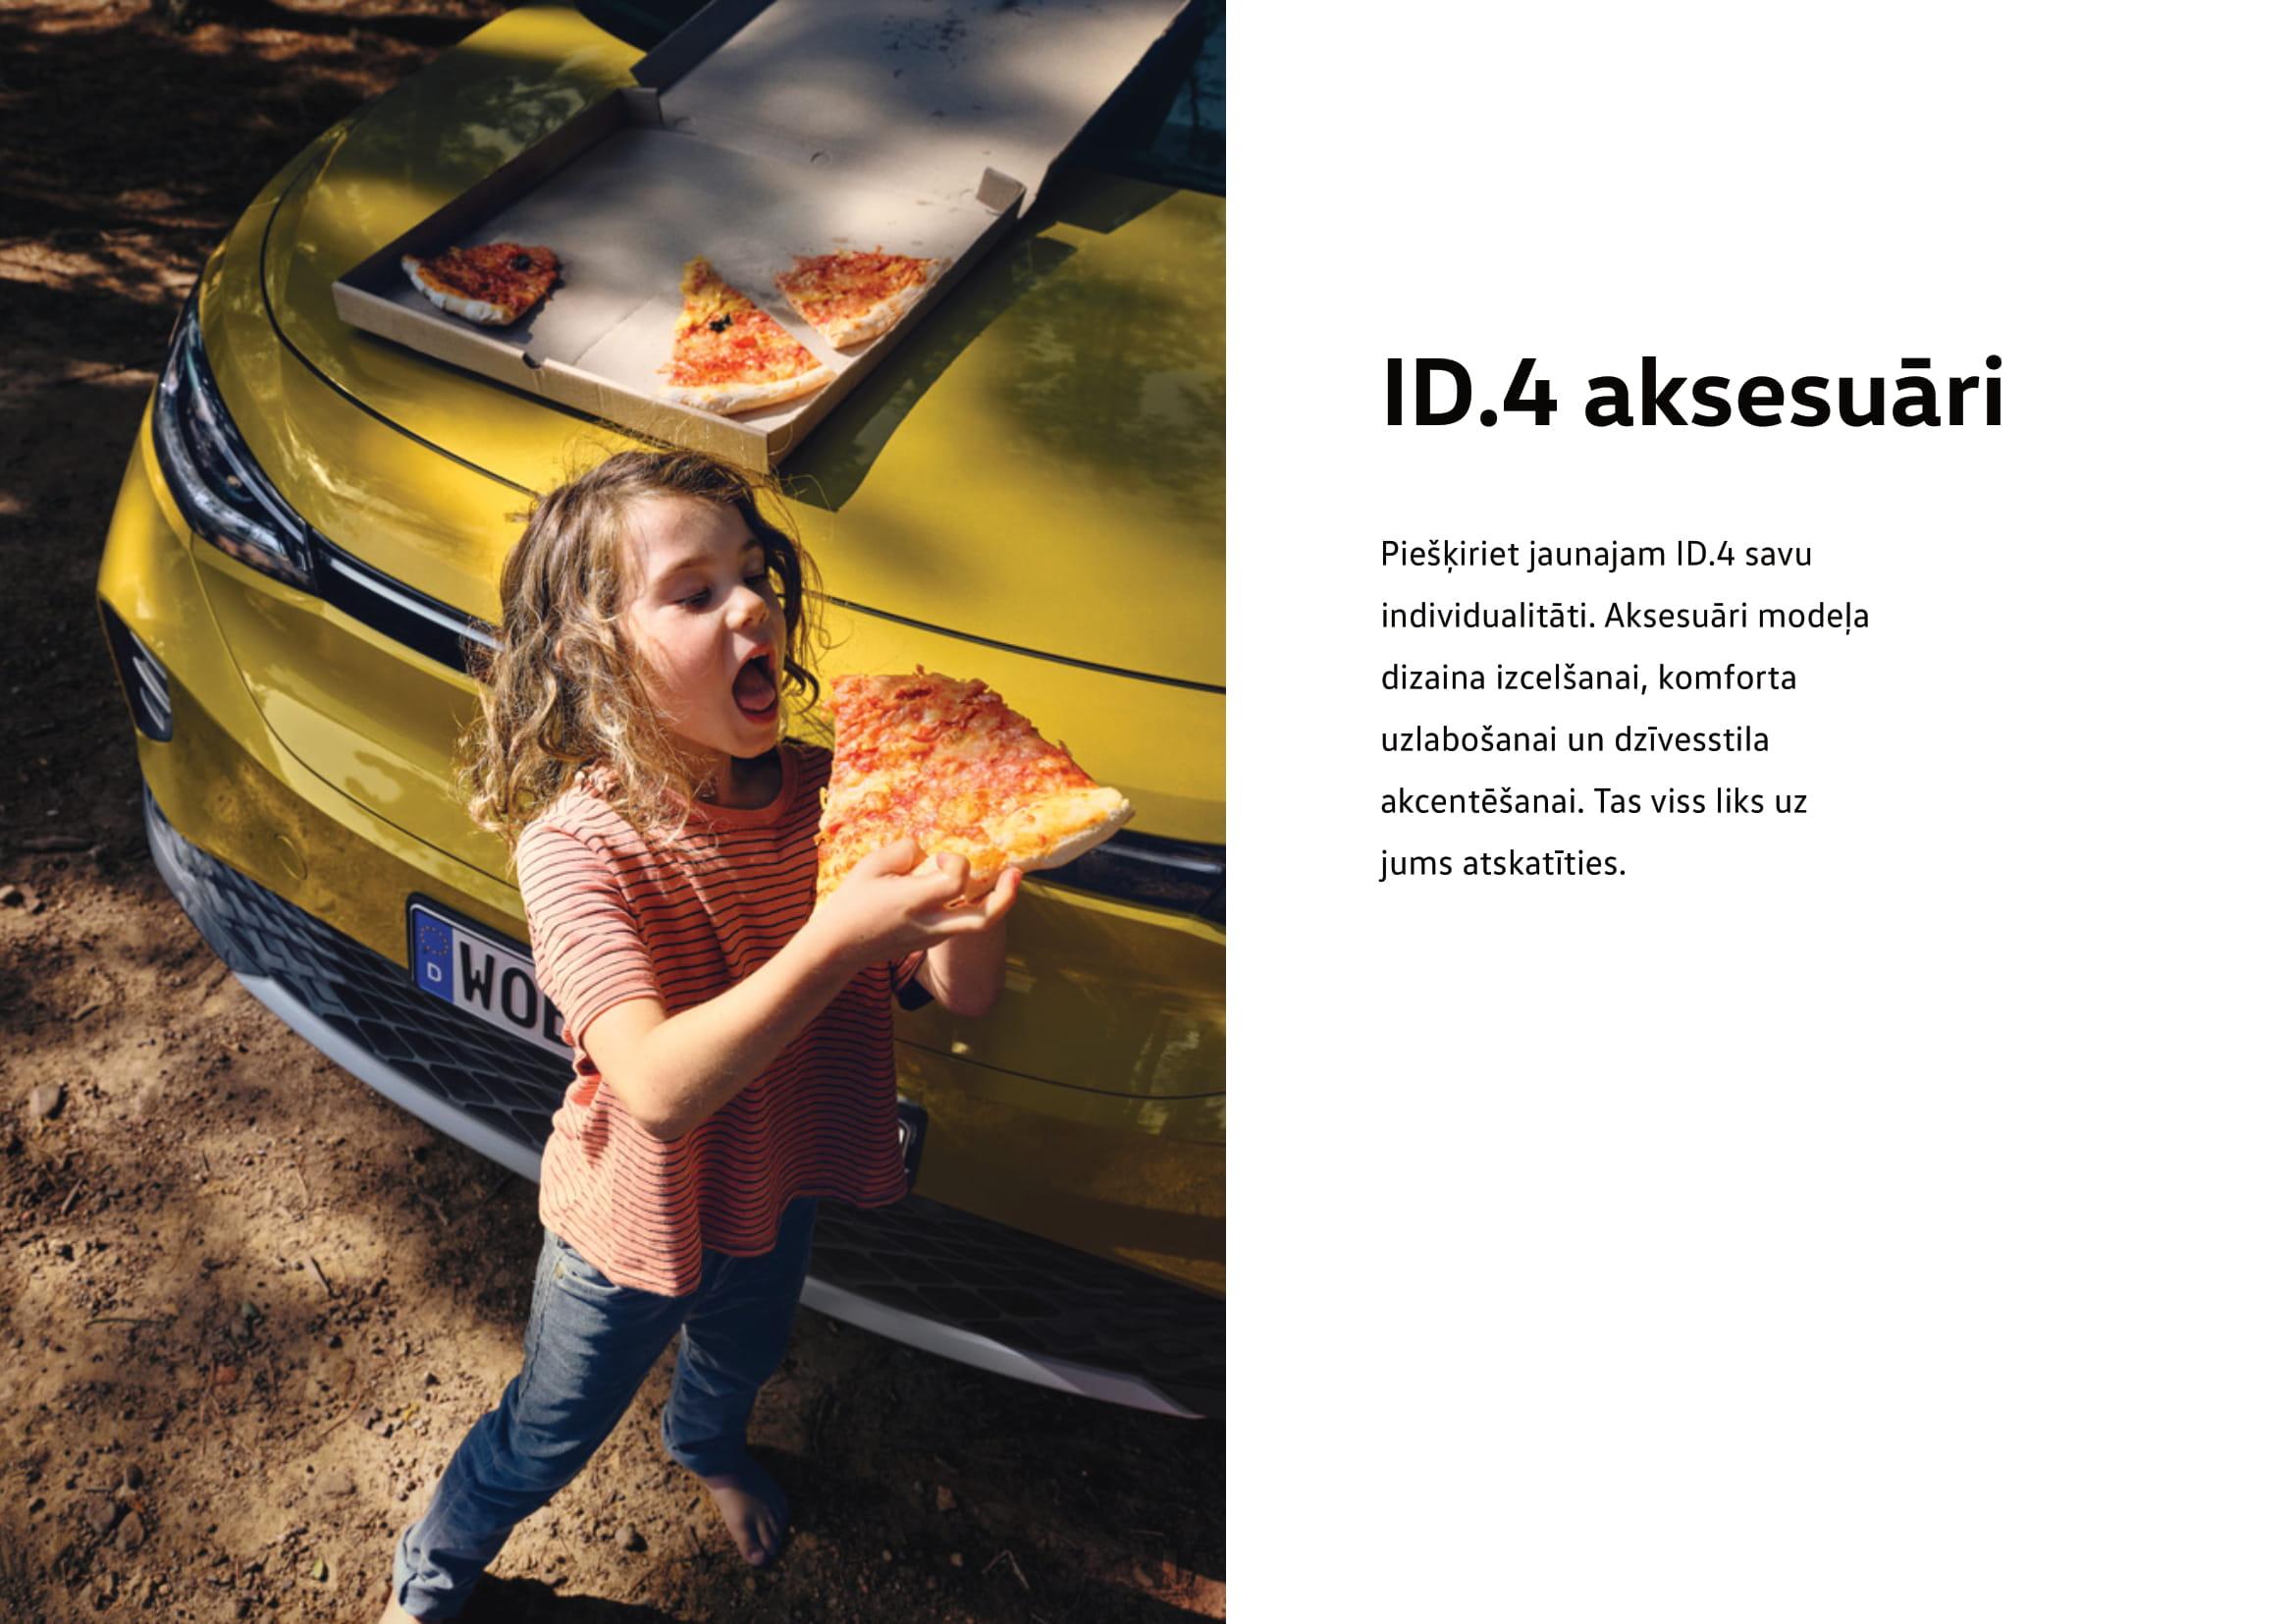 volkswagen-id4